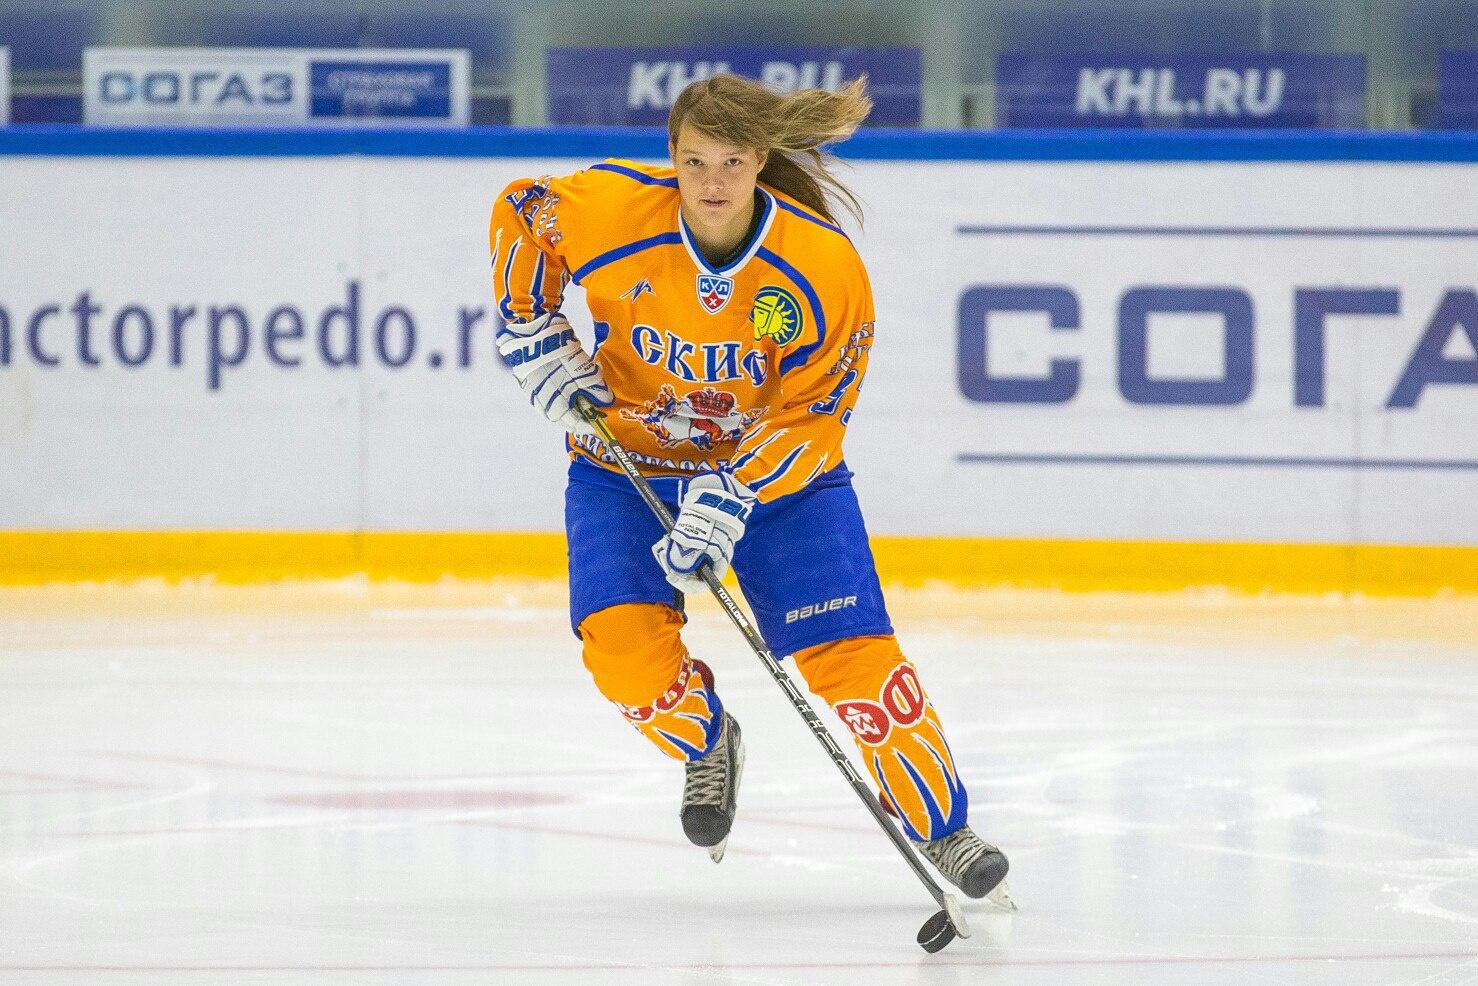 Бронзовая чемпионка мира по хоккею из Чепецка: «Однажды мне пришлось ударить соперницу»